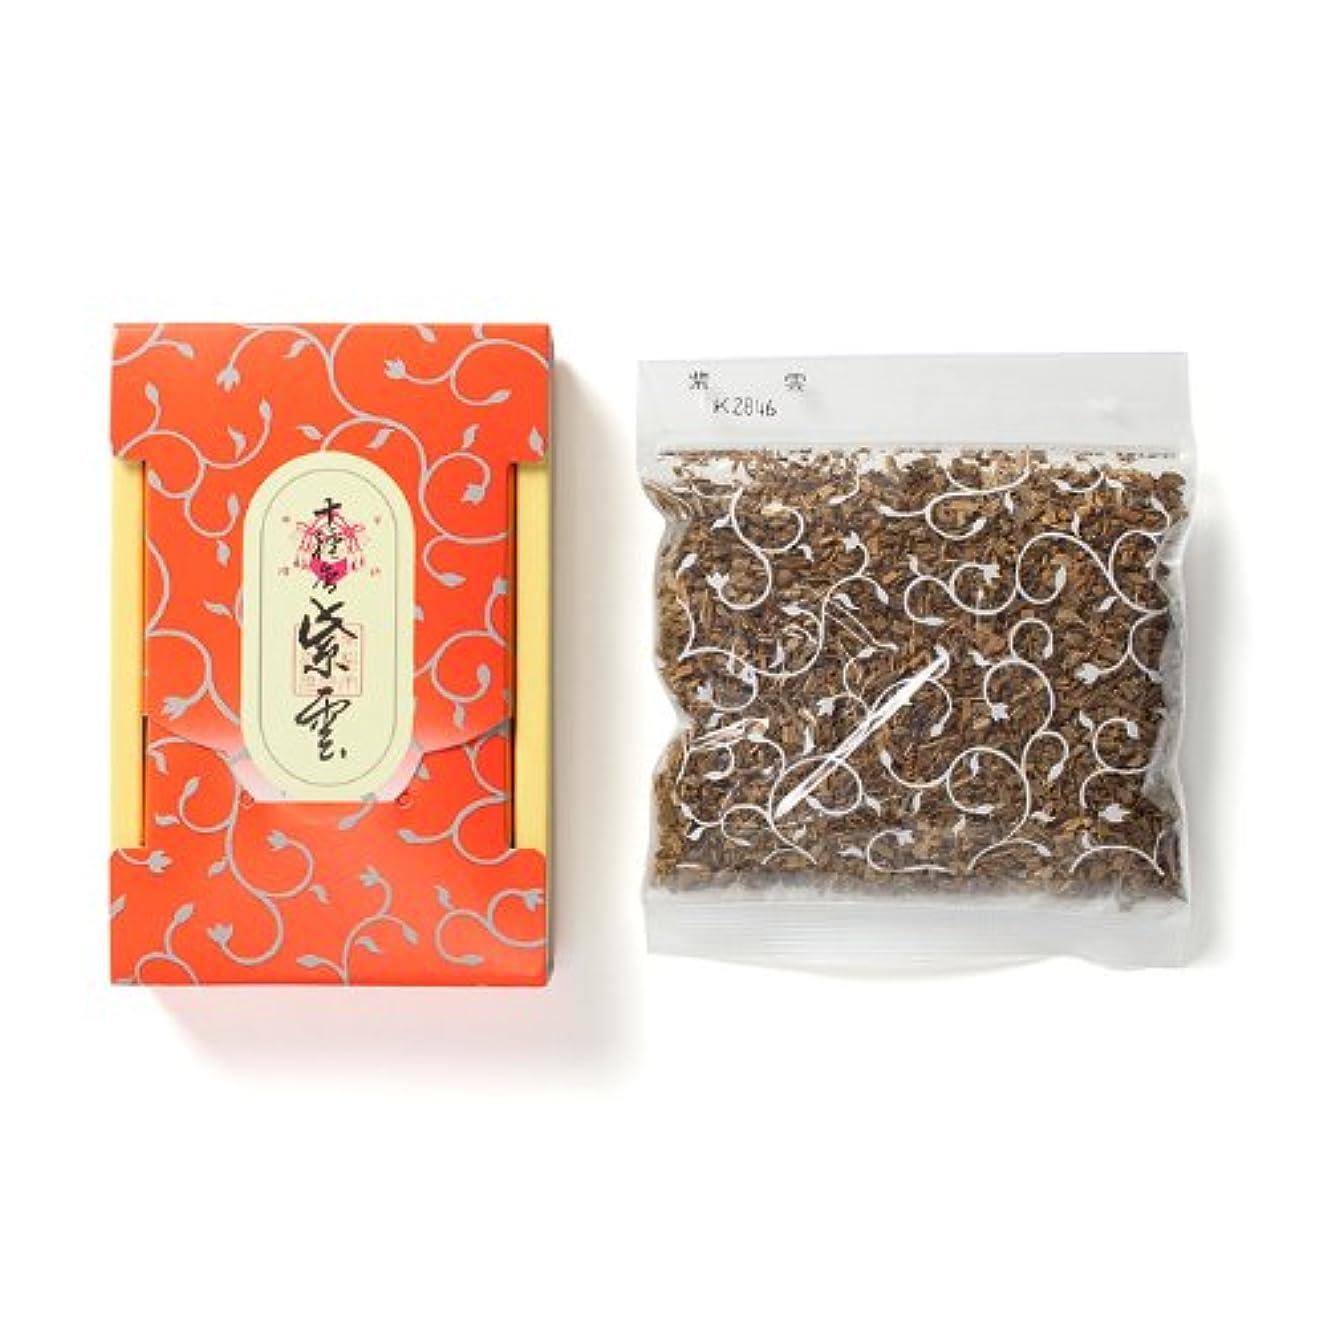 素朴な適合しましたから松栄堂のお焼香 十種香 紫雲 25g詰 小箱入 #410941